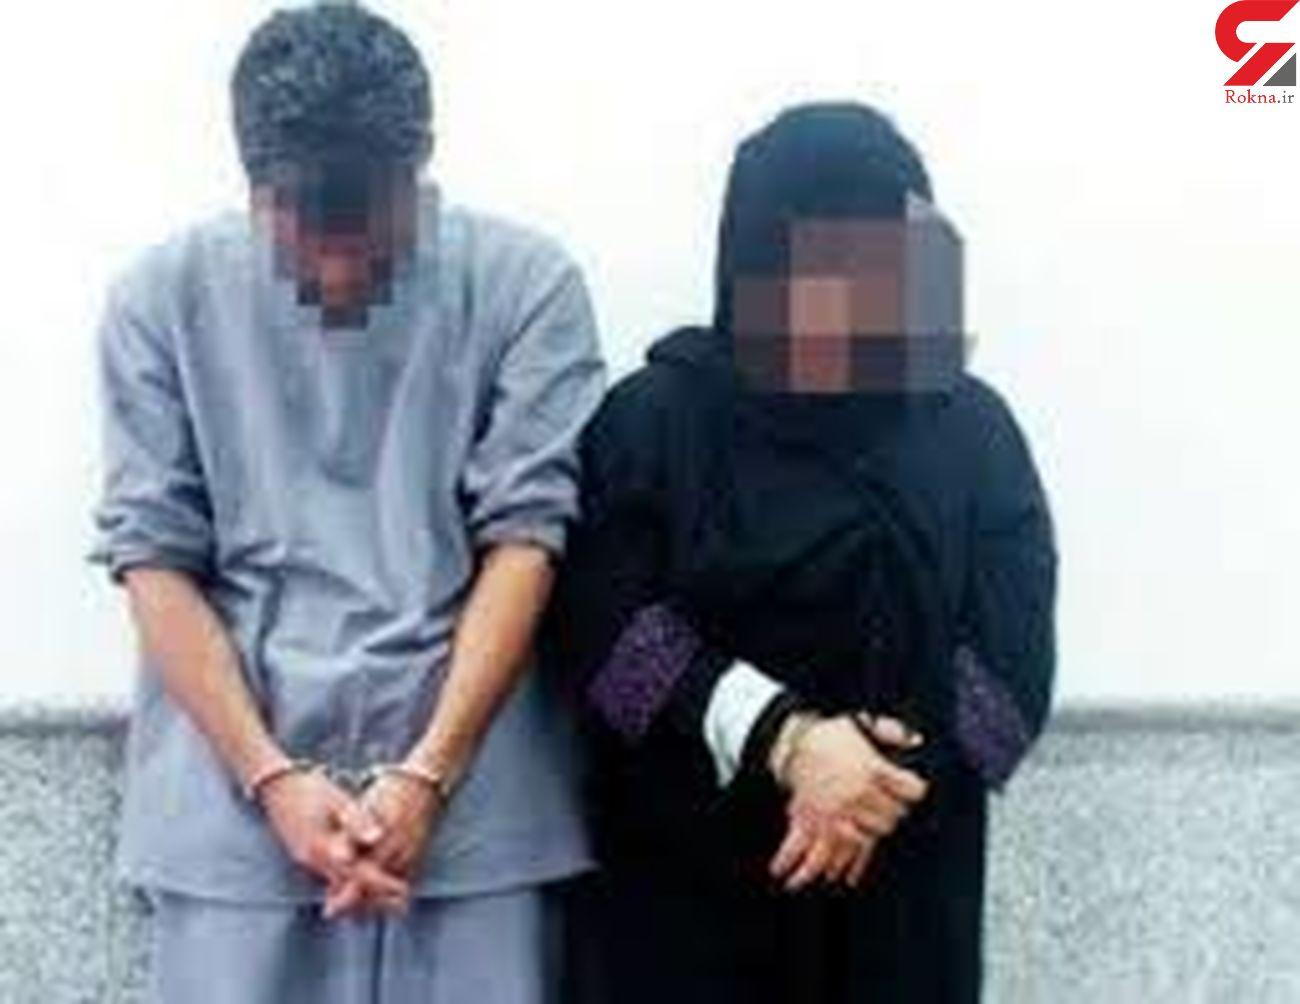 بازداشت زن و مرد بی آبرو در اراک / اقدام کثیف آنها چه بود؟